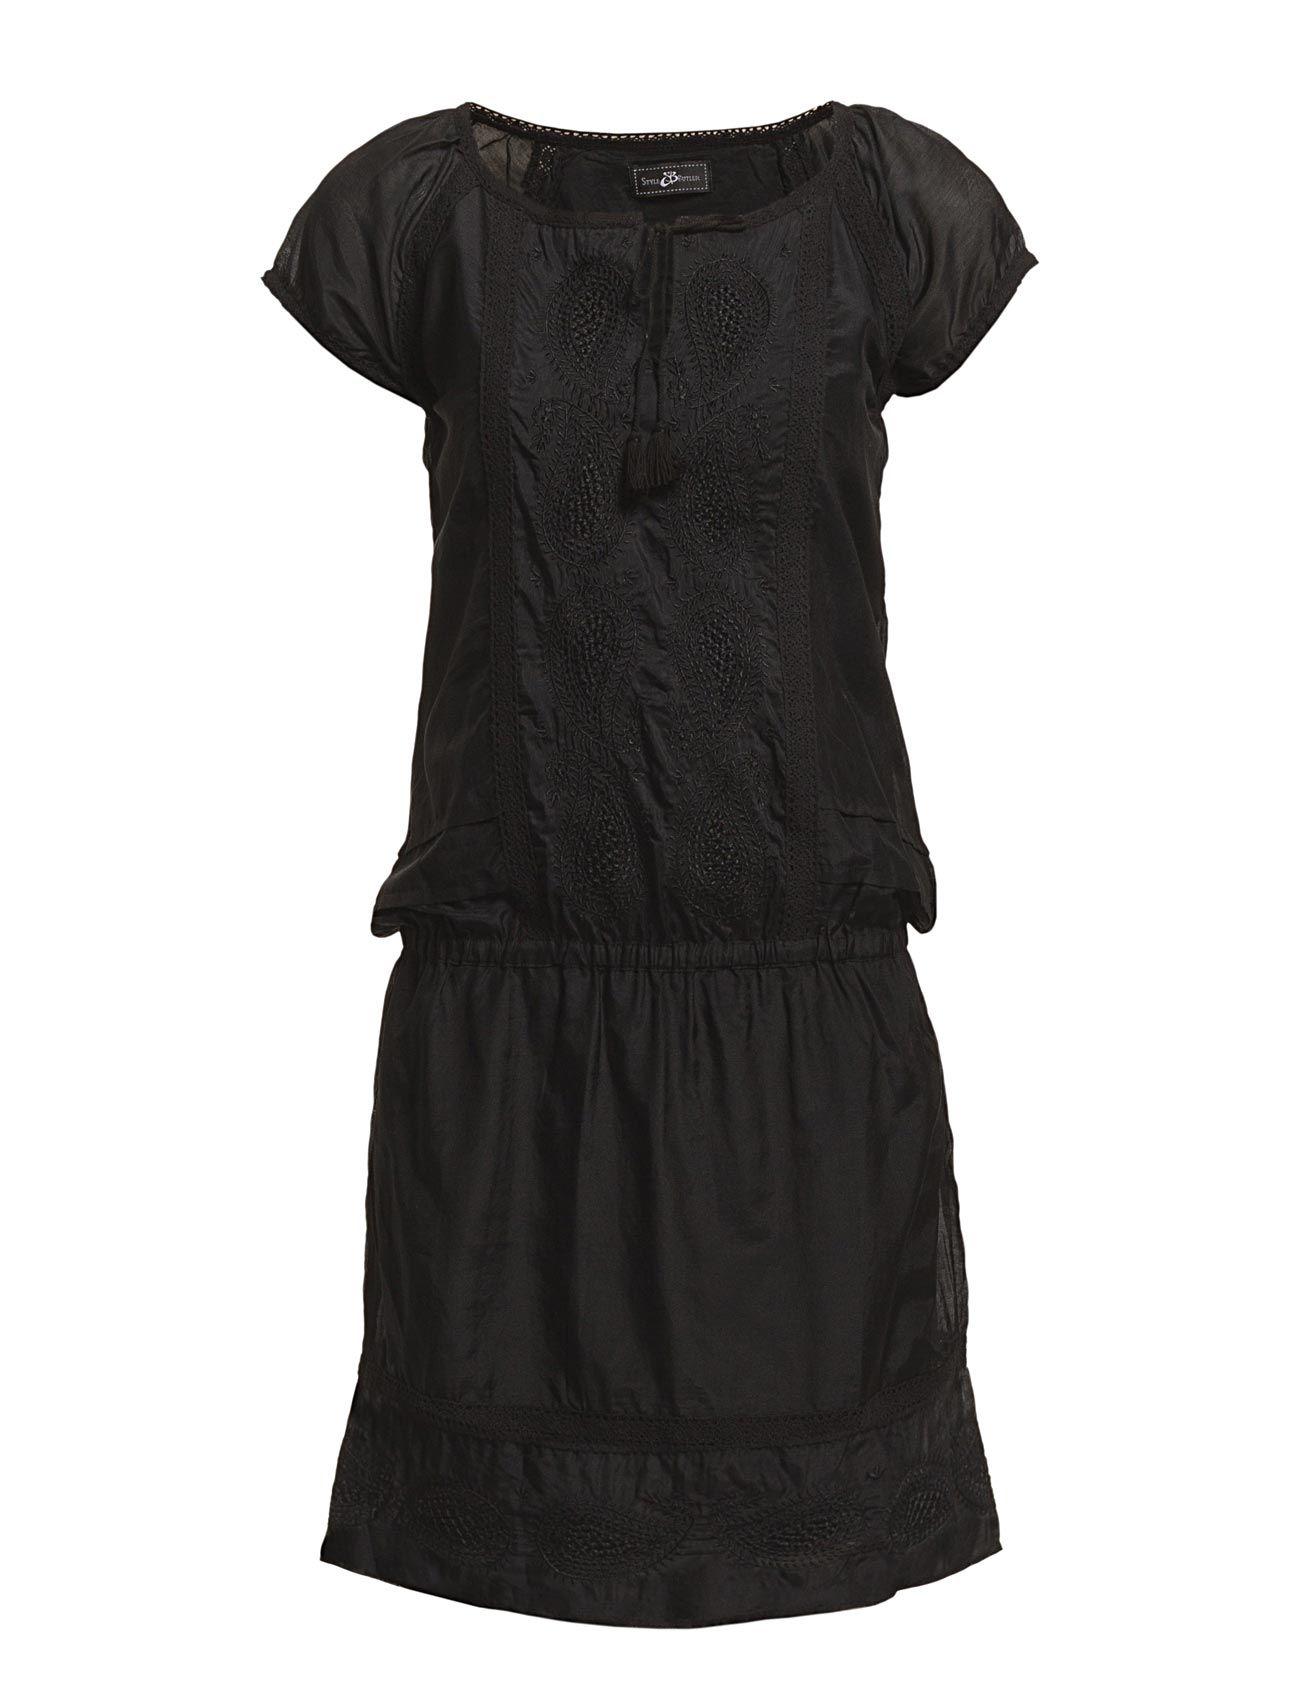 Julissa Dress